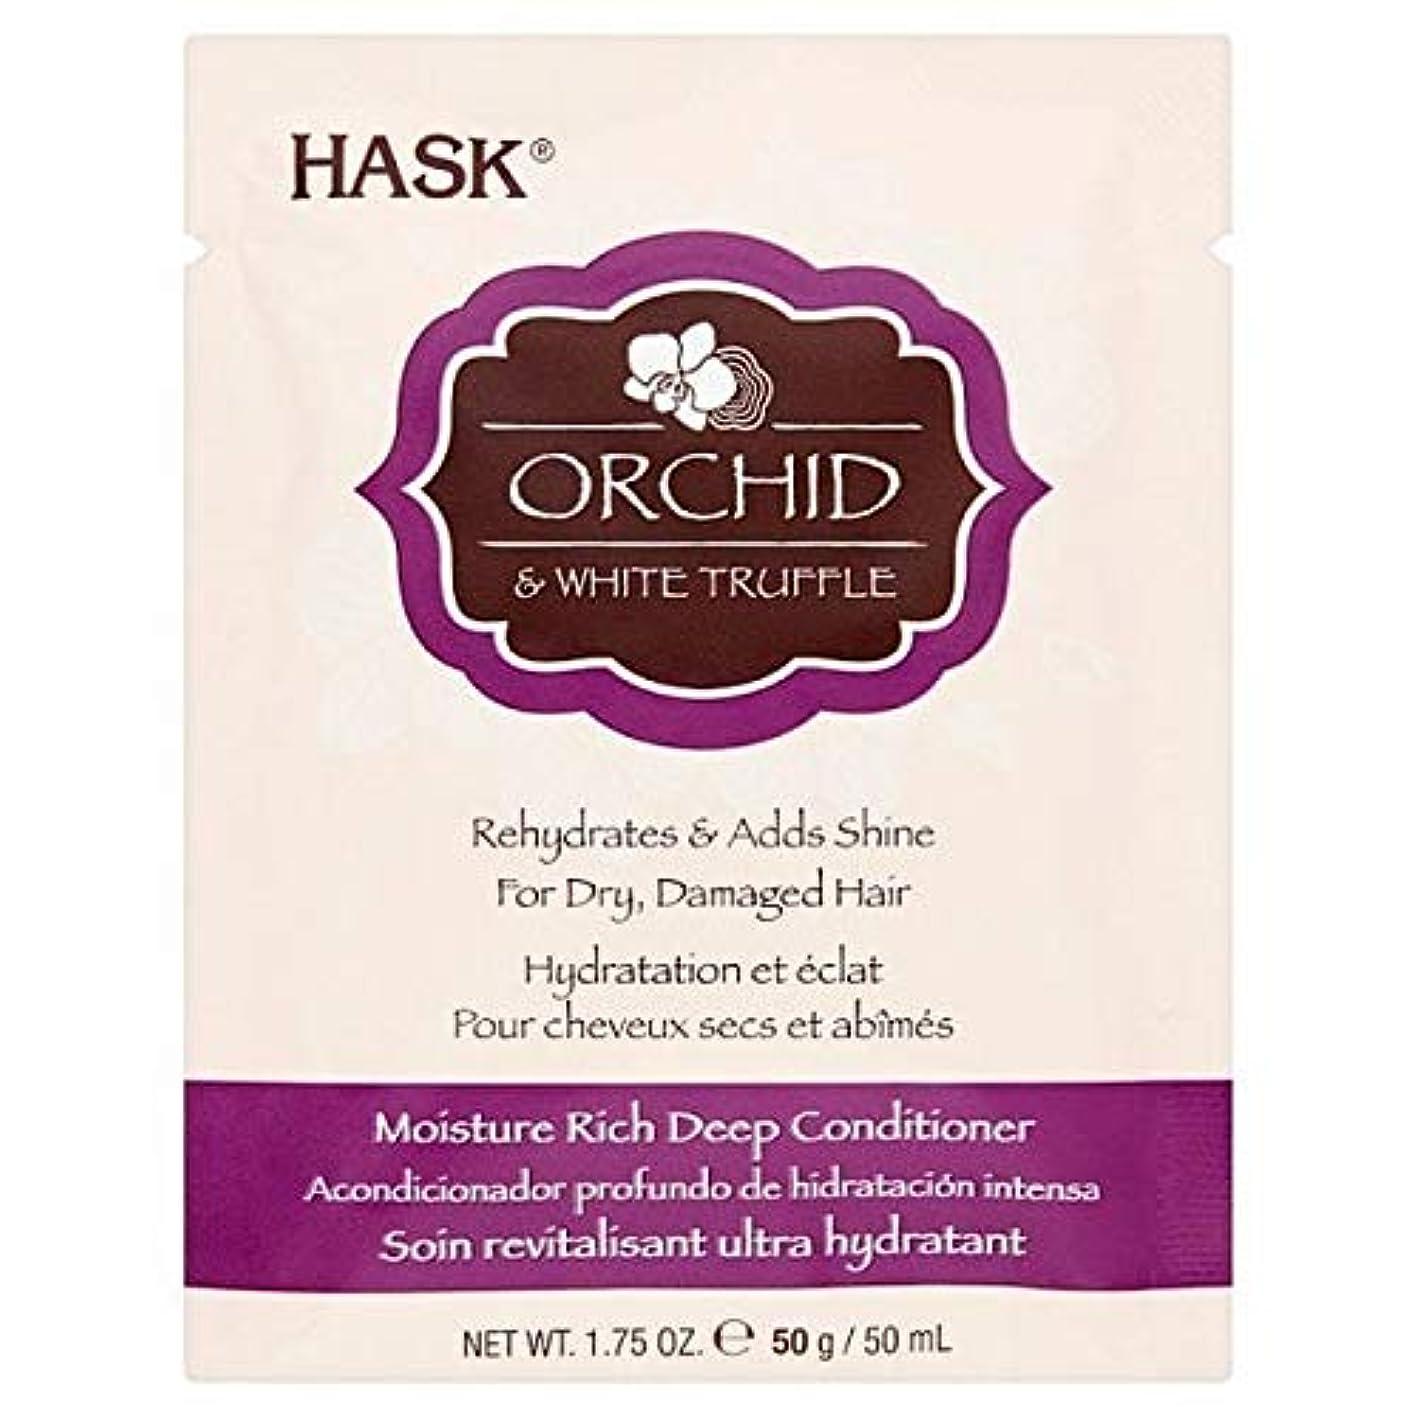 空洞誰か驚かす[Hask] Hask蘭&白トリュフ深いコンディショニングサシェ50グラム - HASK Orchid & White Truffle Deep Conditioning Sachet 50g [並行輸入品]